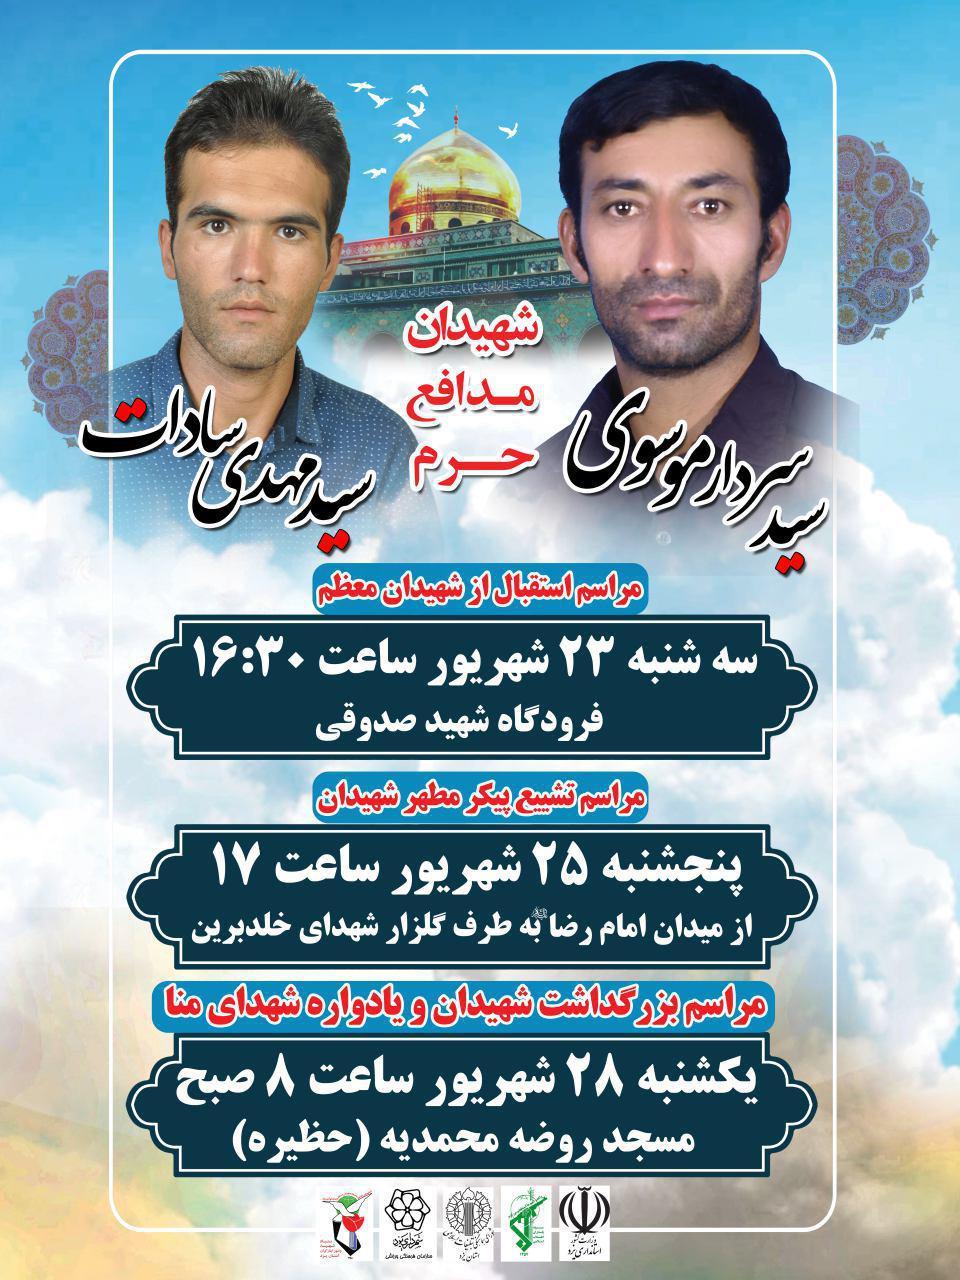 مراسم تشییع پیکر دو شهید مدافع حرم در یزد